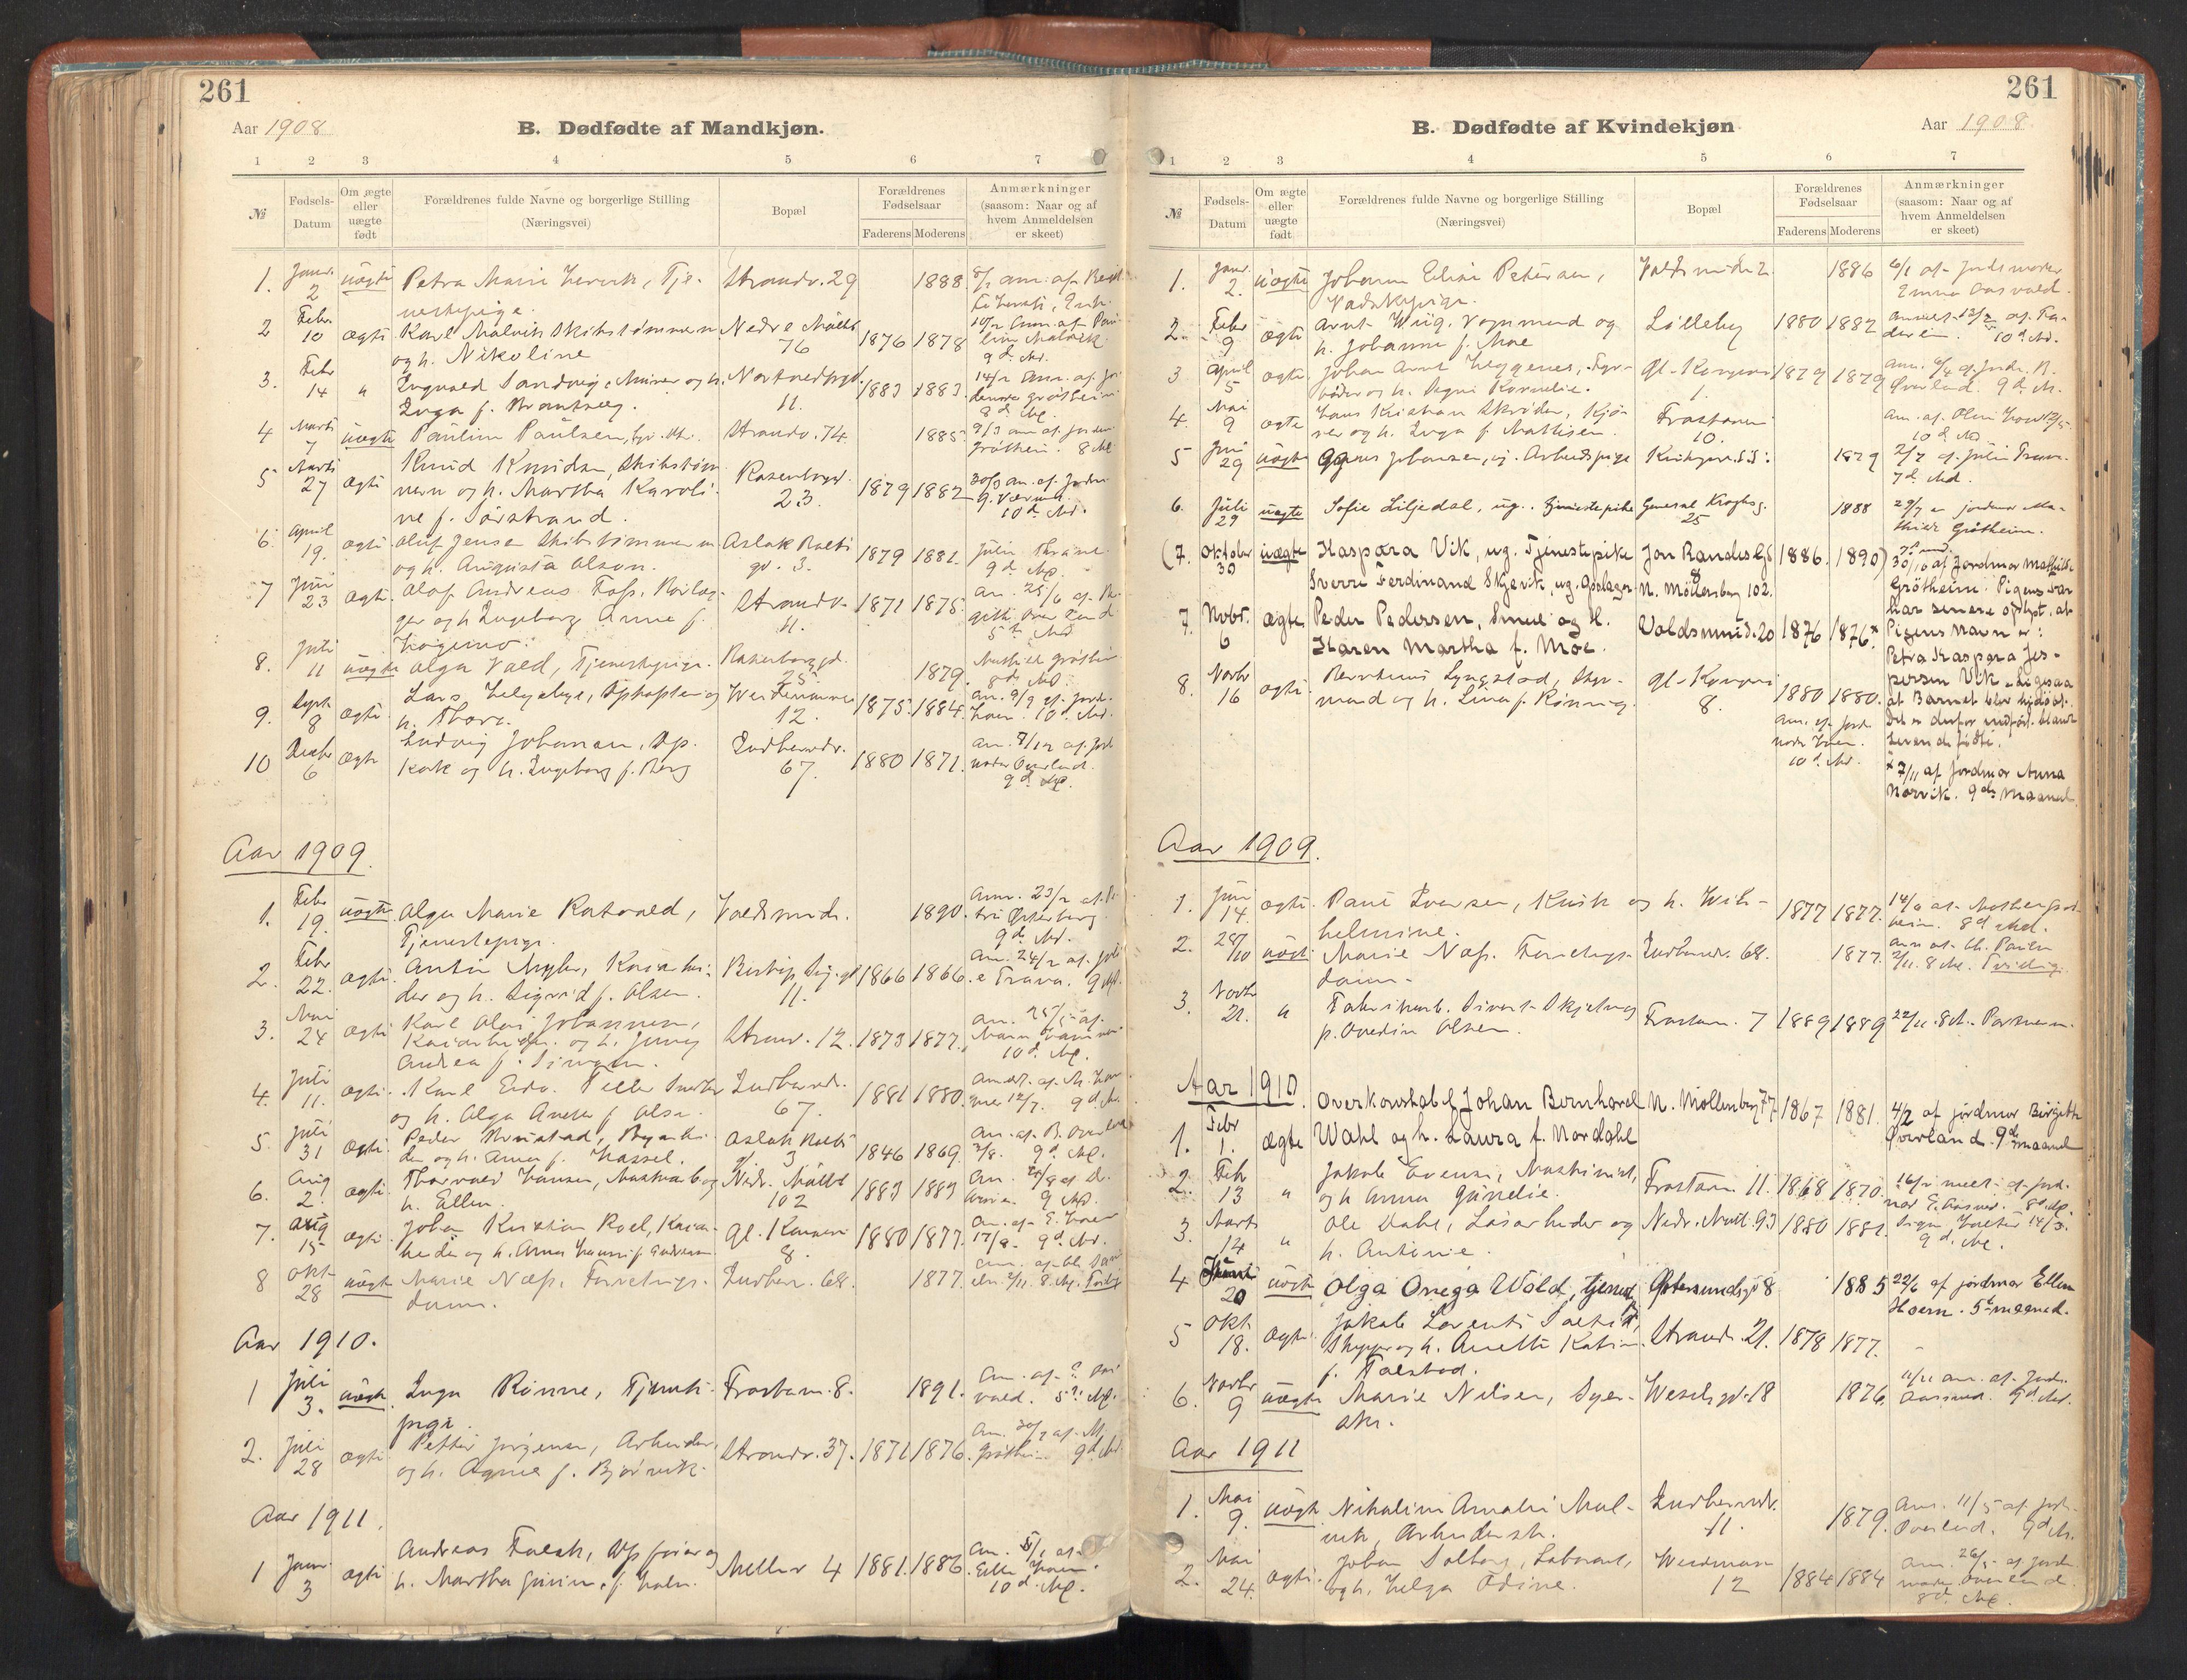 SAT, Ministerialprotokoller, klokkerbøker og fødselsregistre - Sør-Trøndelag, 605/L0243: Ministerialbok nr. 605A05, 1908-1923, s. 261